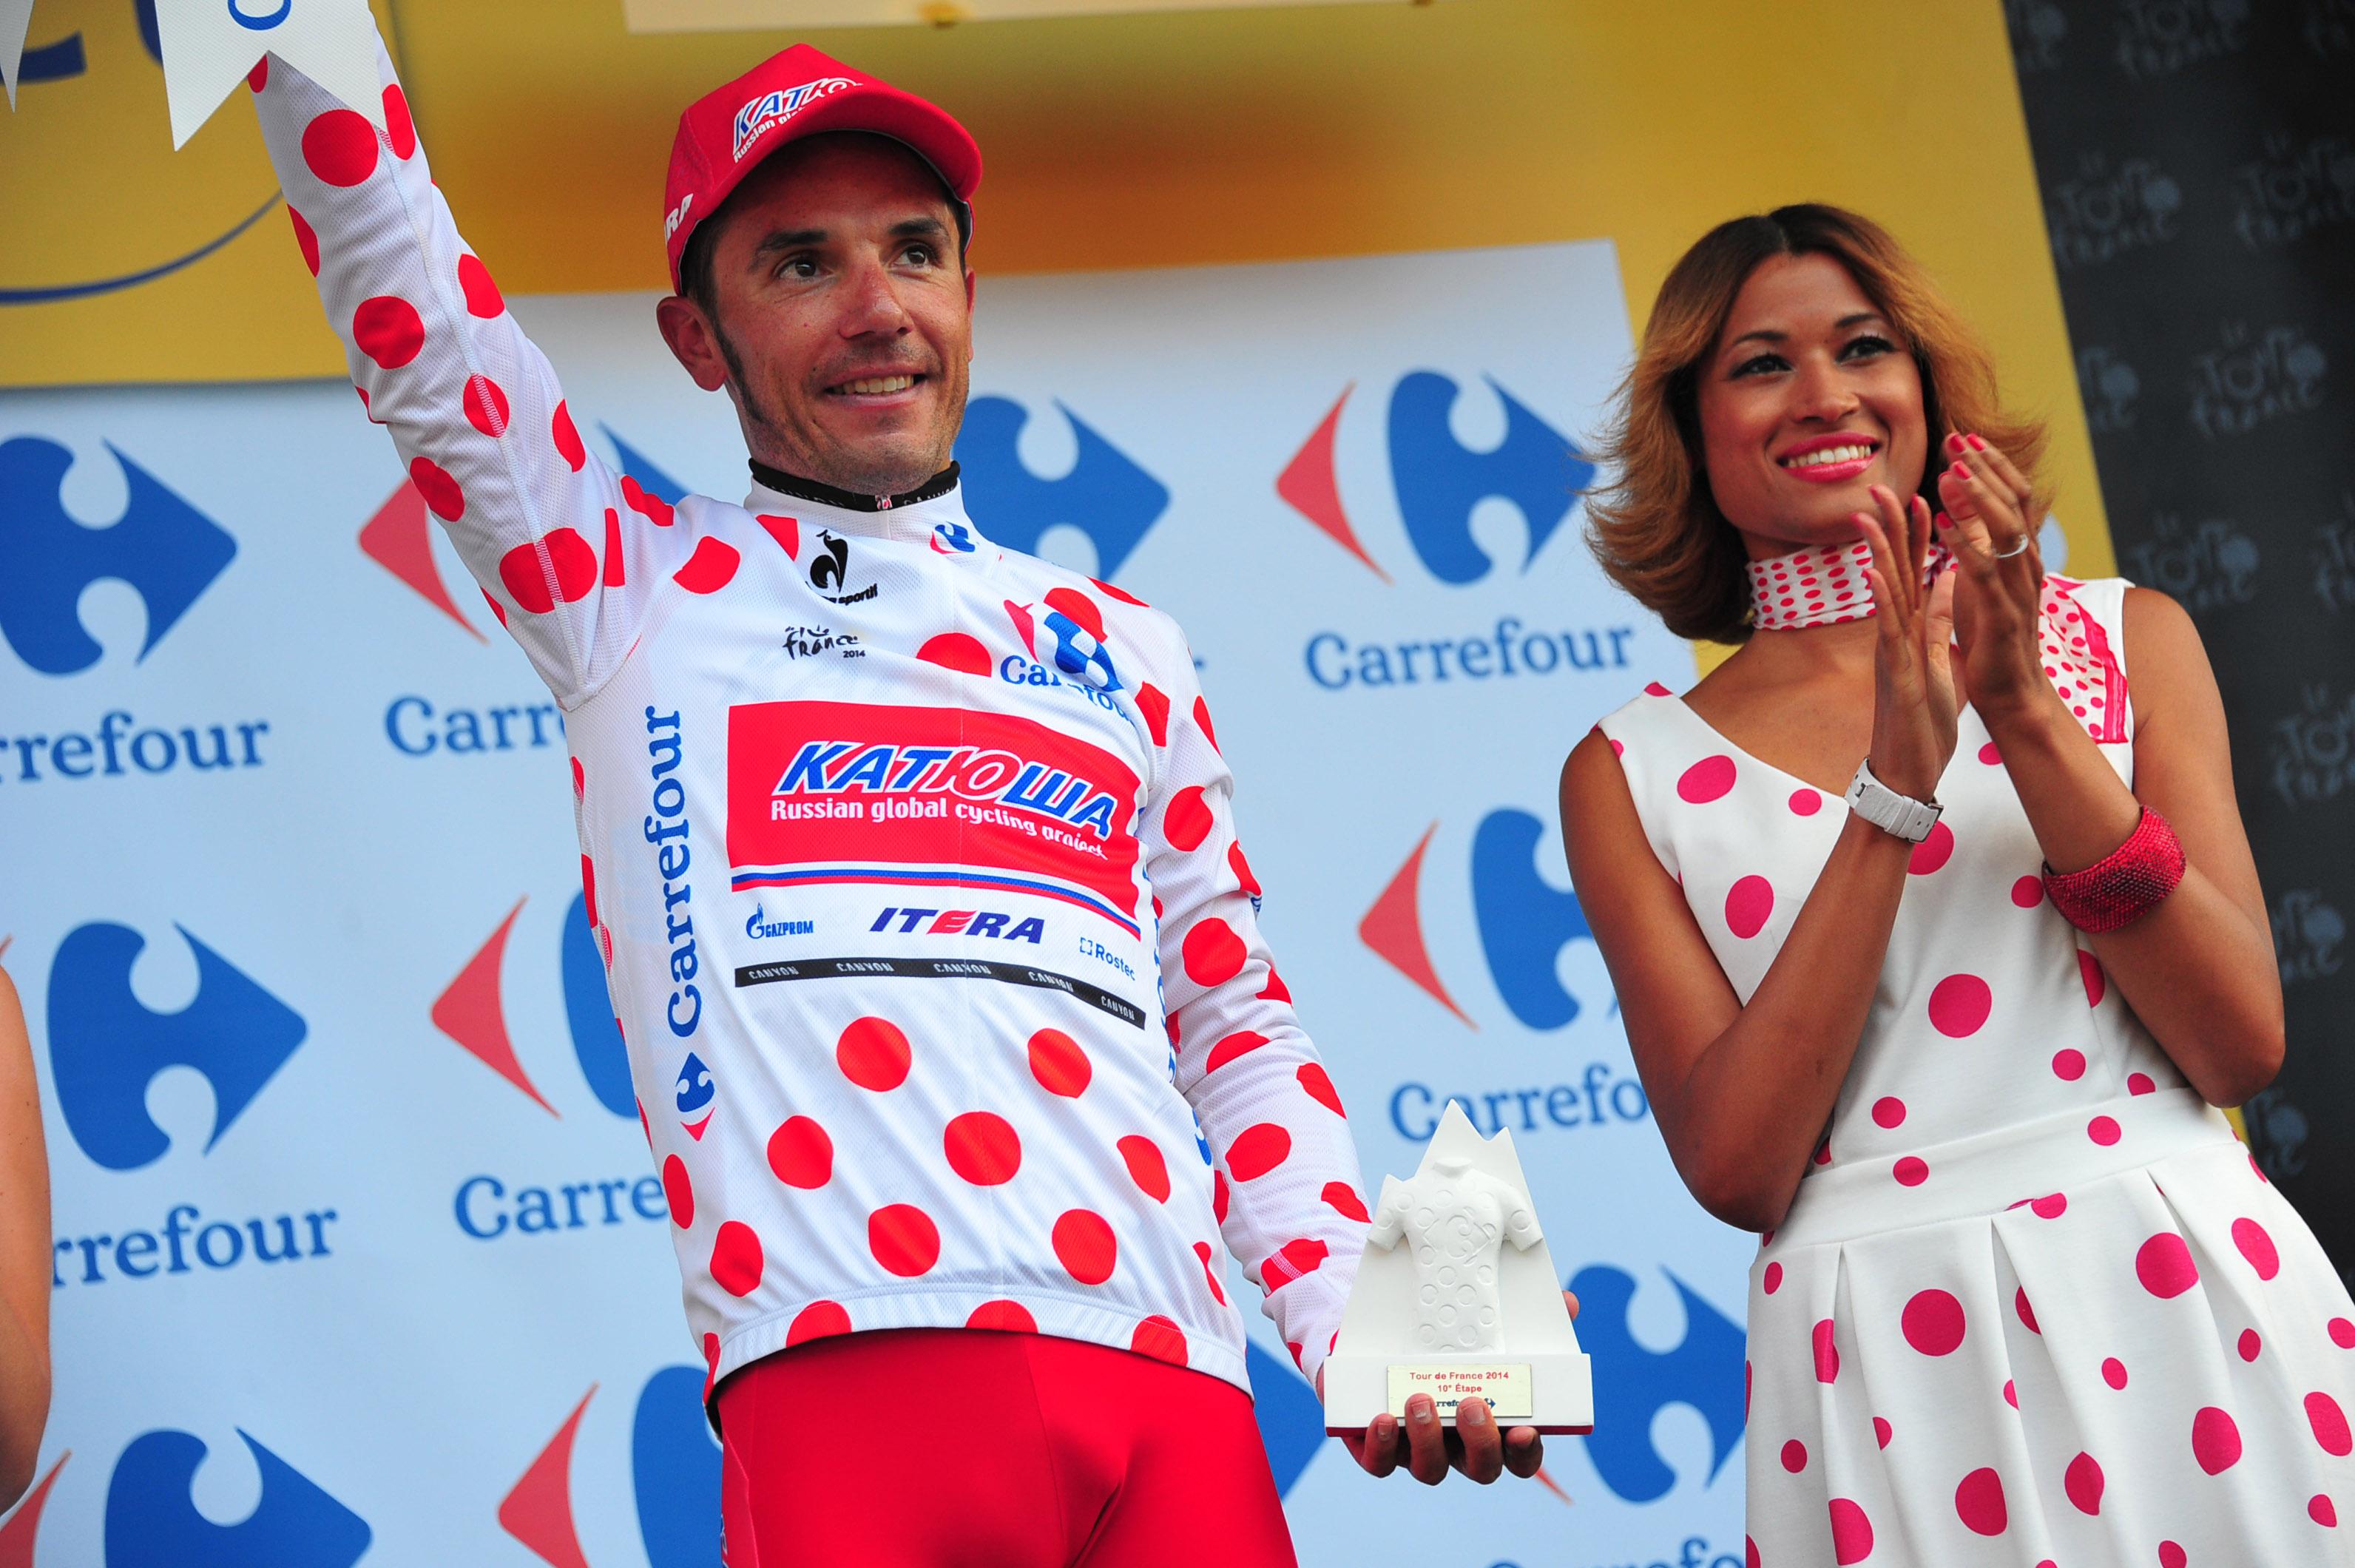 Das Bergtrikot auf der Tour de France 2014. (Foto: Sirotti)